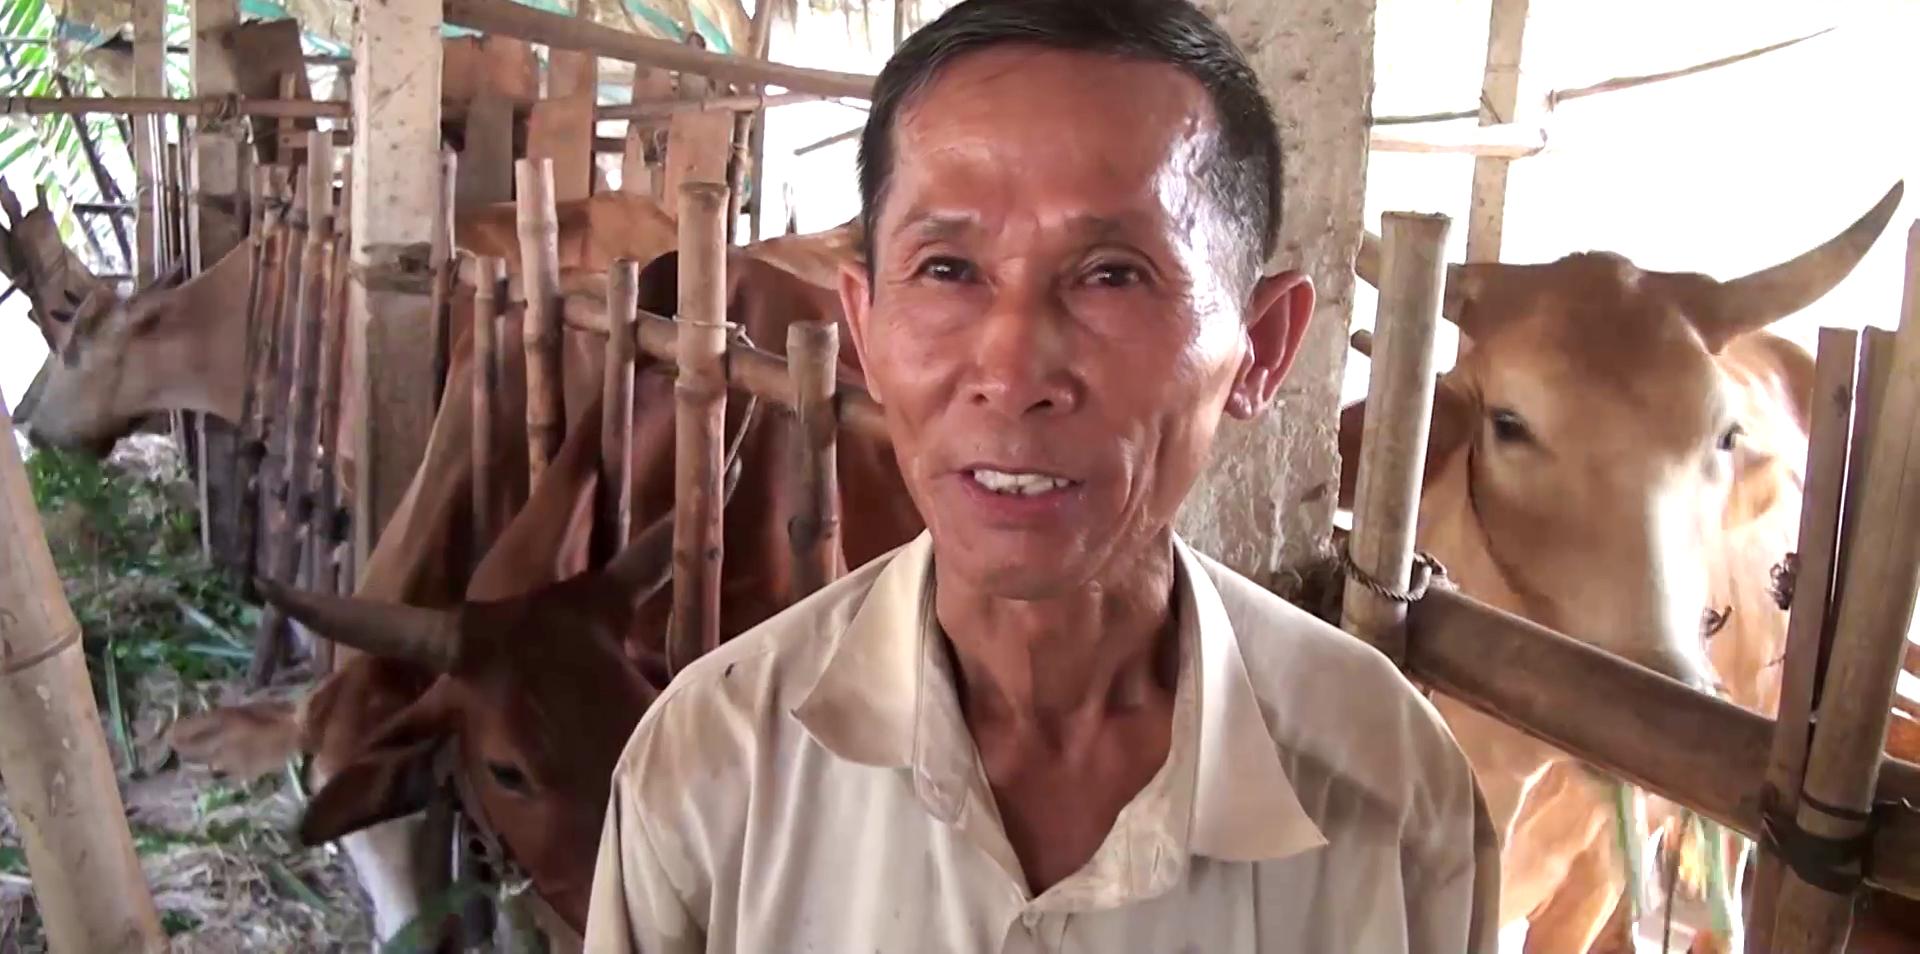 """Tiền Giang: """"Độc chiêu"""" nuôi bò, ông nông dân từ nghèo khó trở thành giàu có, được Thủ tướng khen - Ảnh 1."""